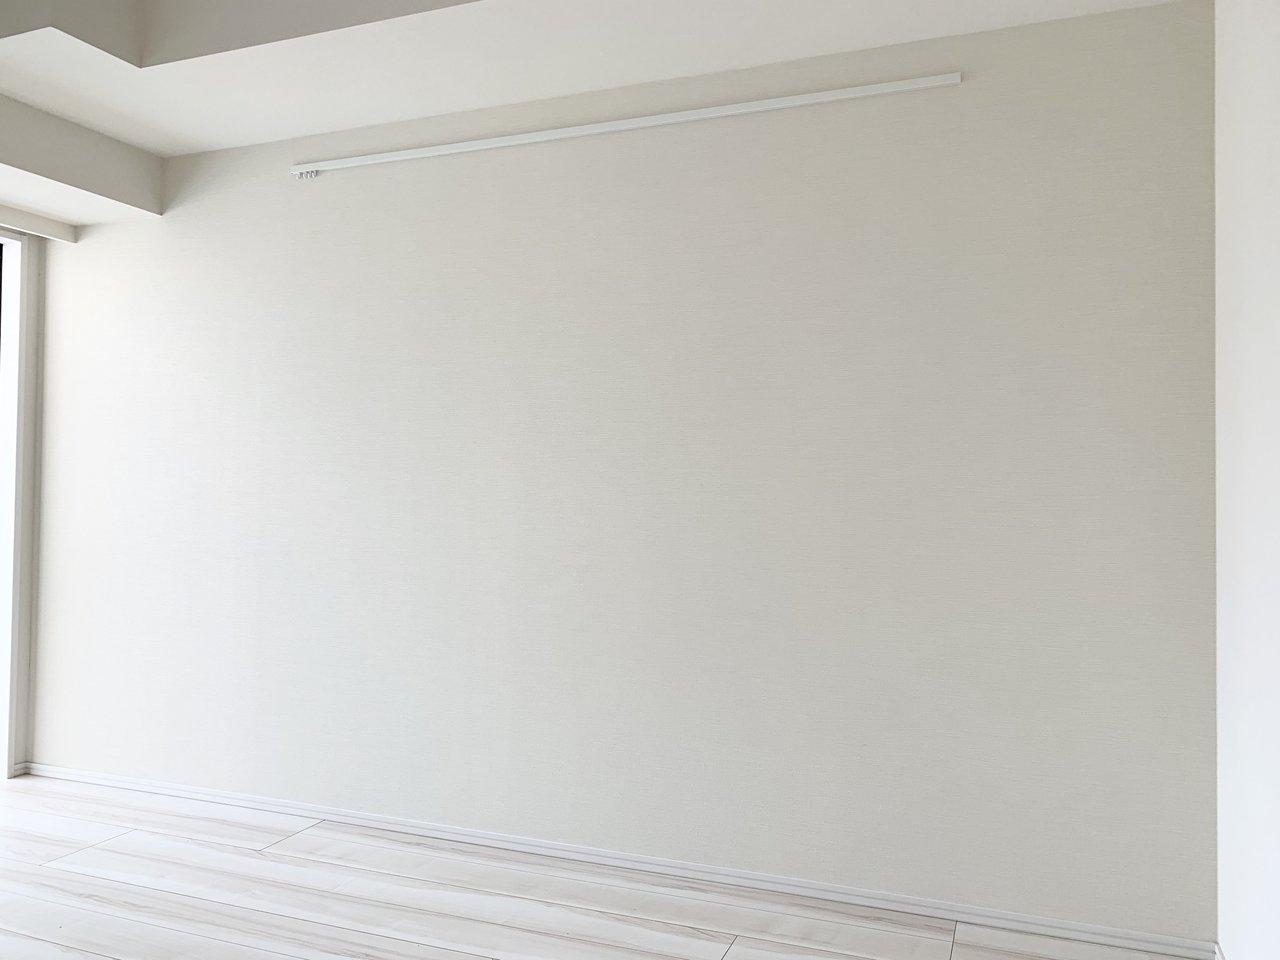 もう一方の壁はピクチャーレール付き。どんな壁面にしようか、ワクワクしますね。